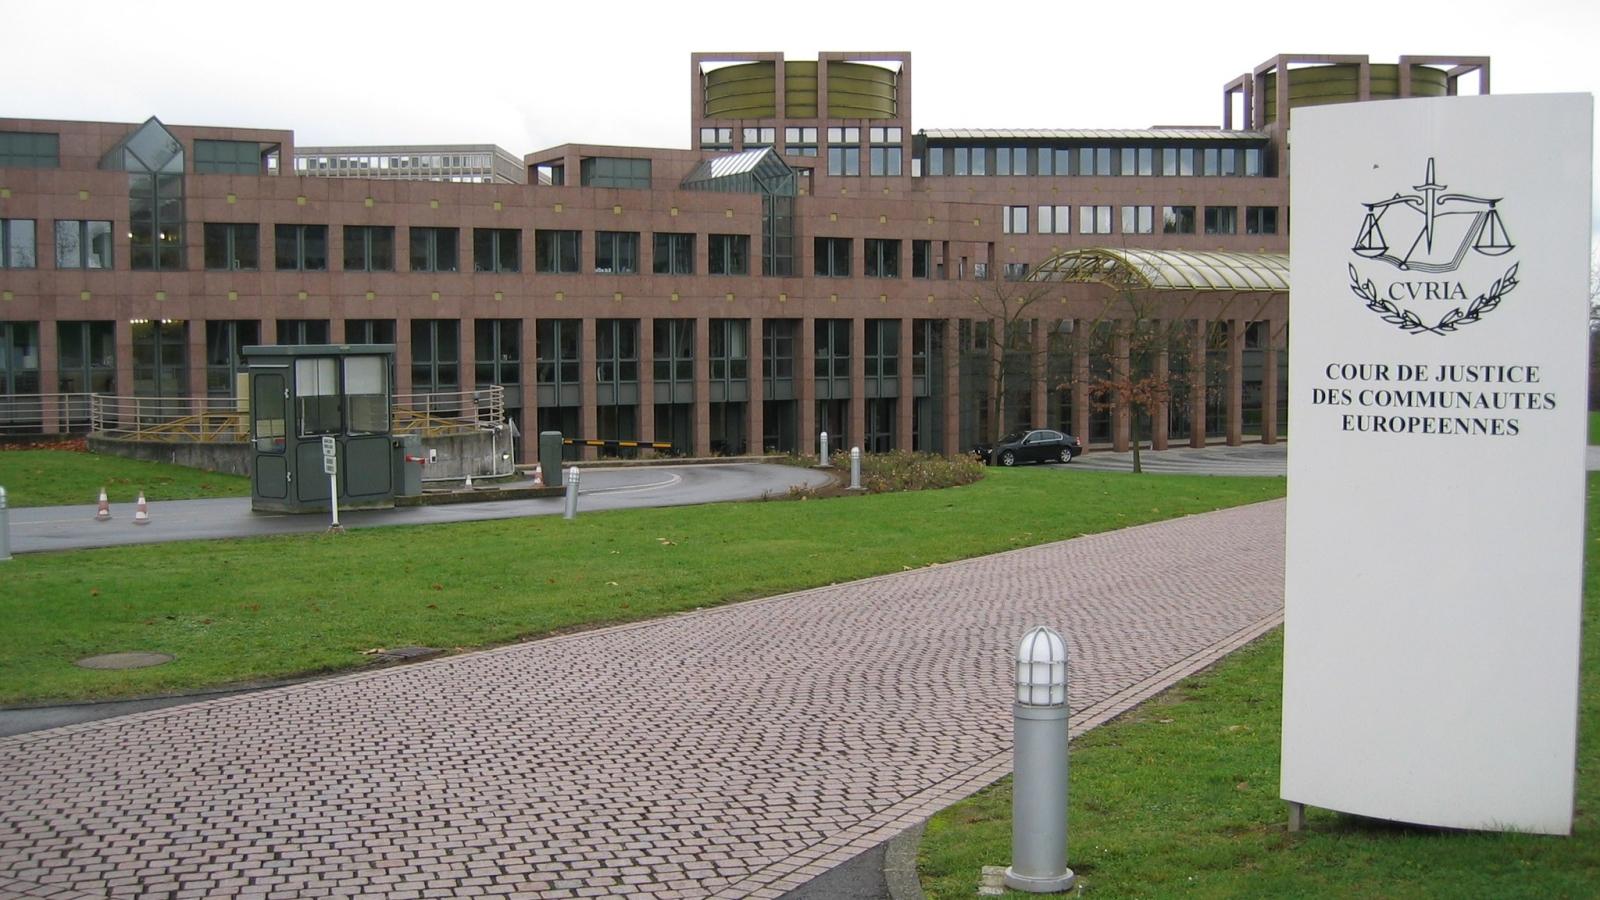 EU-domstolen i Luxembourg. CC BY Cédric Puisney